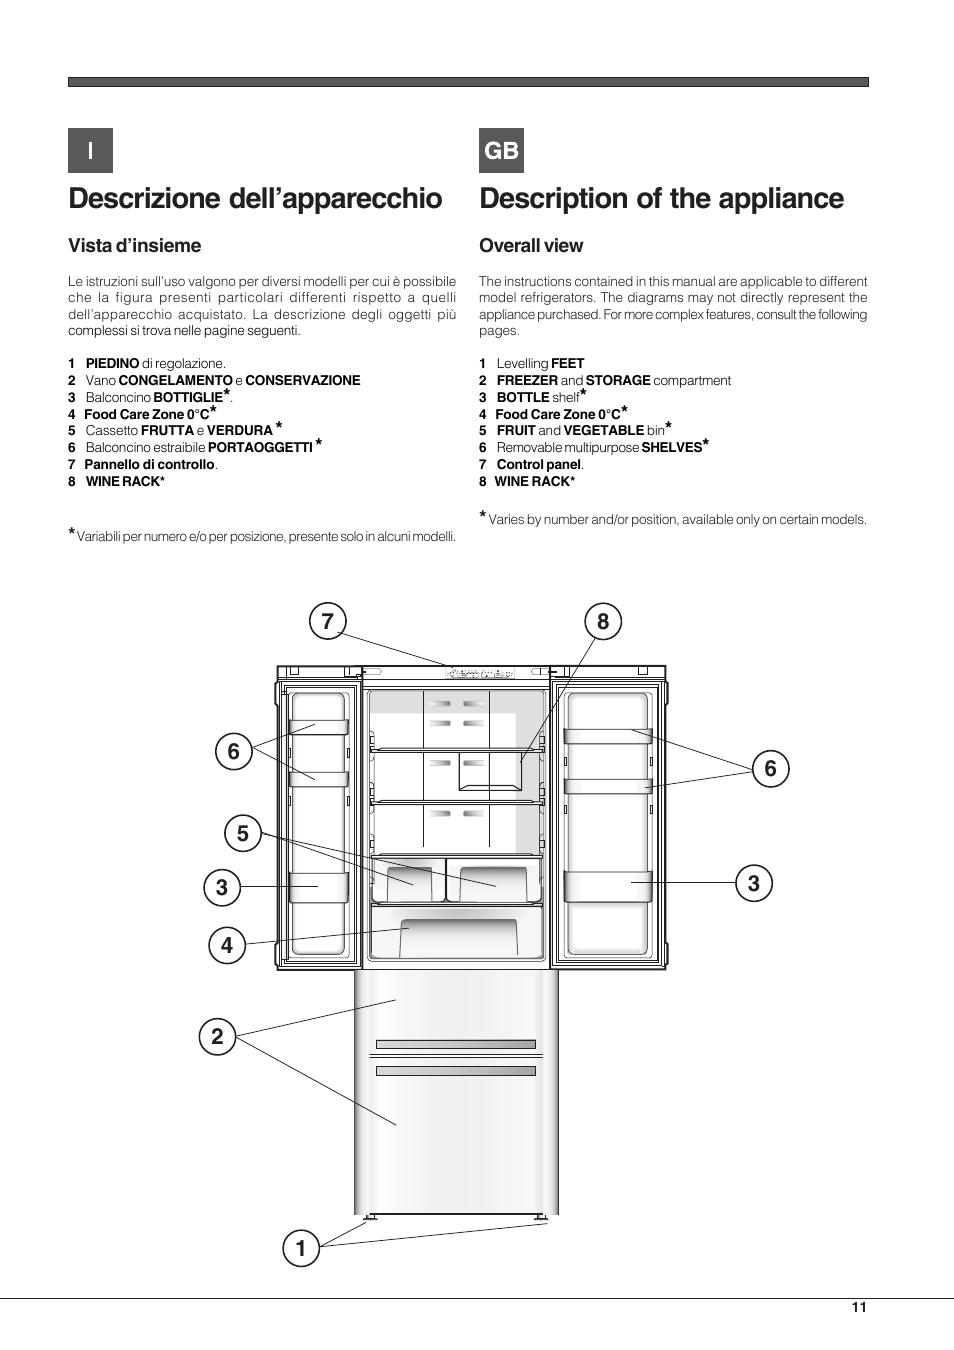 Descrizione dell'apparecchio, Description of the appliance | Hotpoint  Ariston Combinato Quadrio E4D AAA